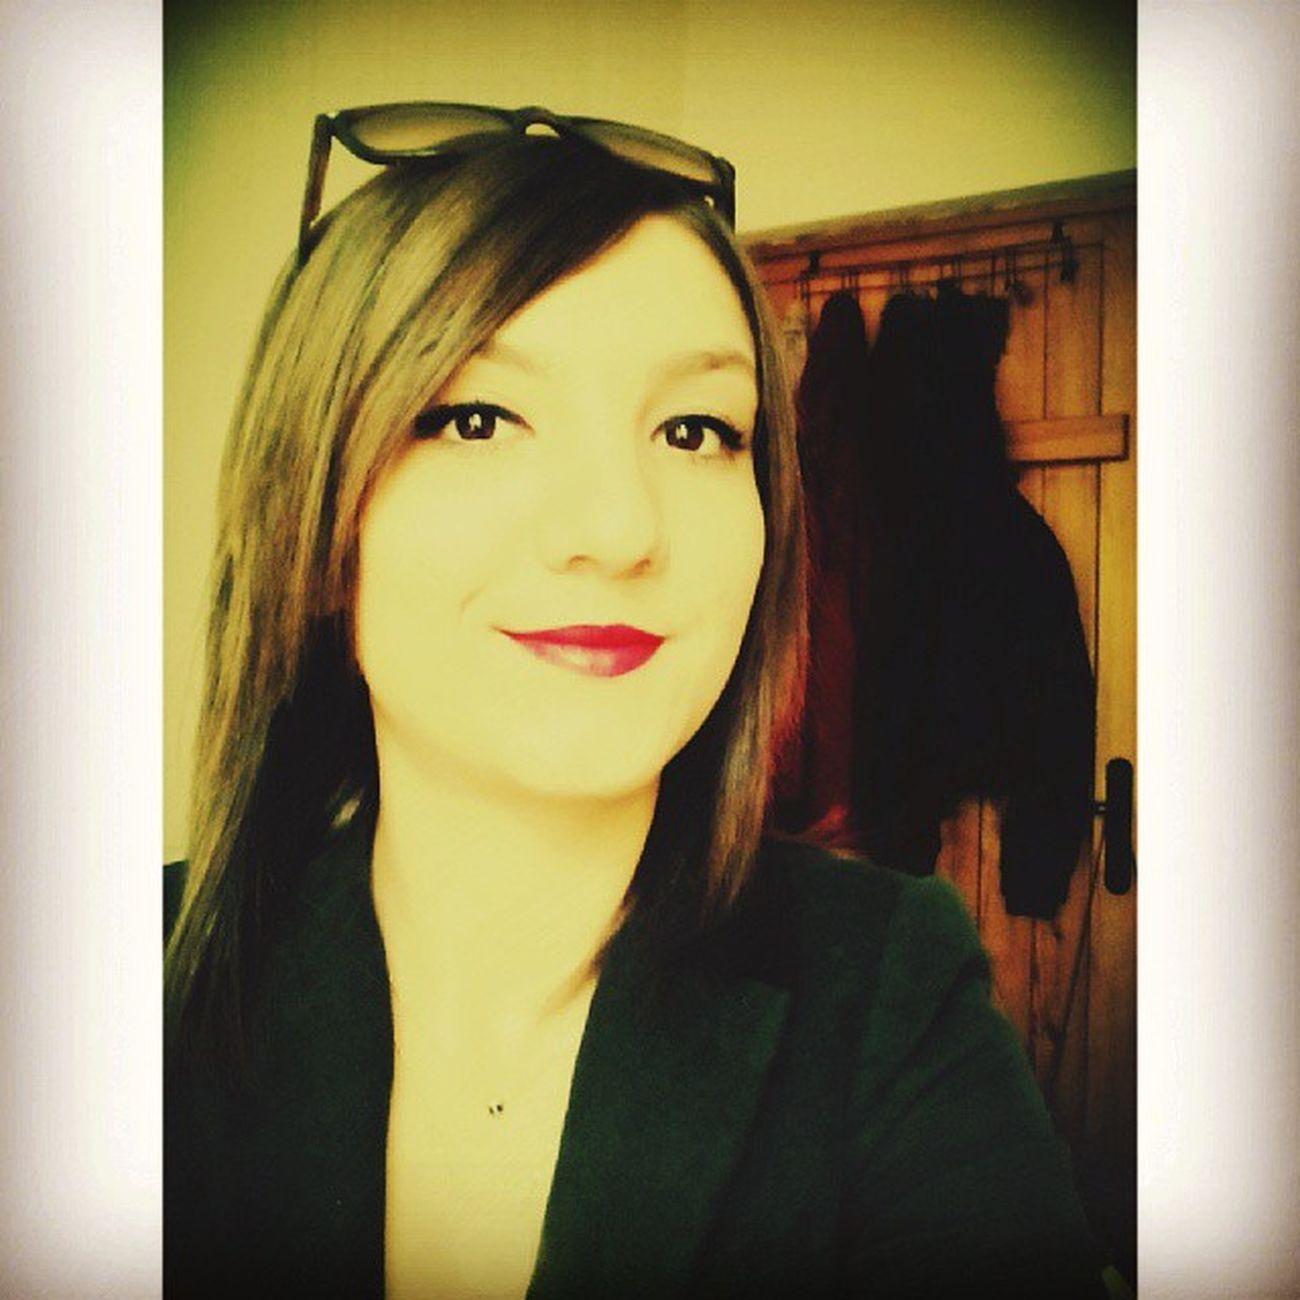 Ise Giden Aslinin Halleri ☺?????? instalike instagram instagood likeforlike like like4like goodmorning good happy nice smile